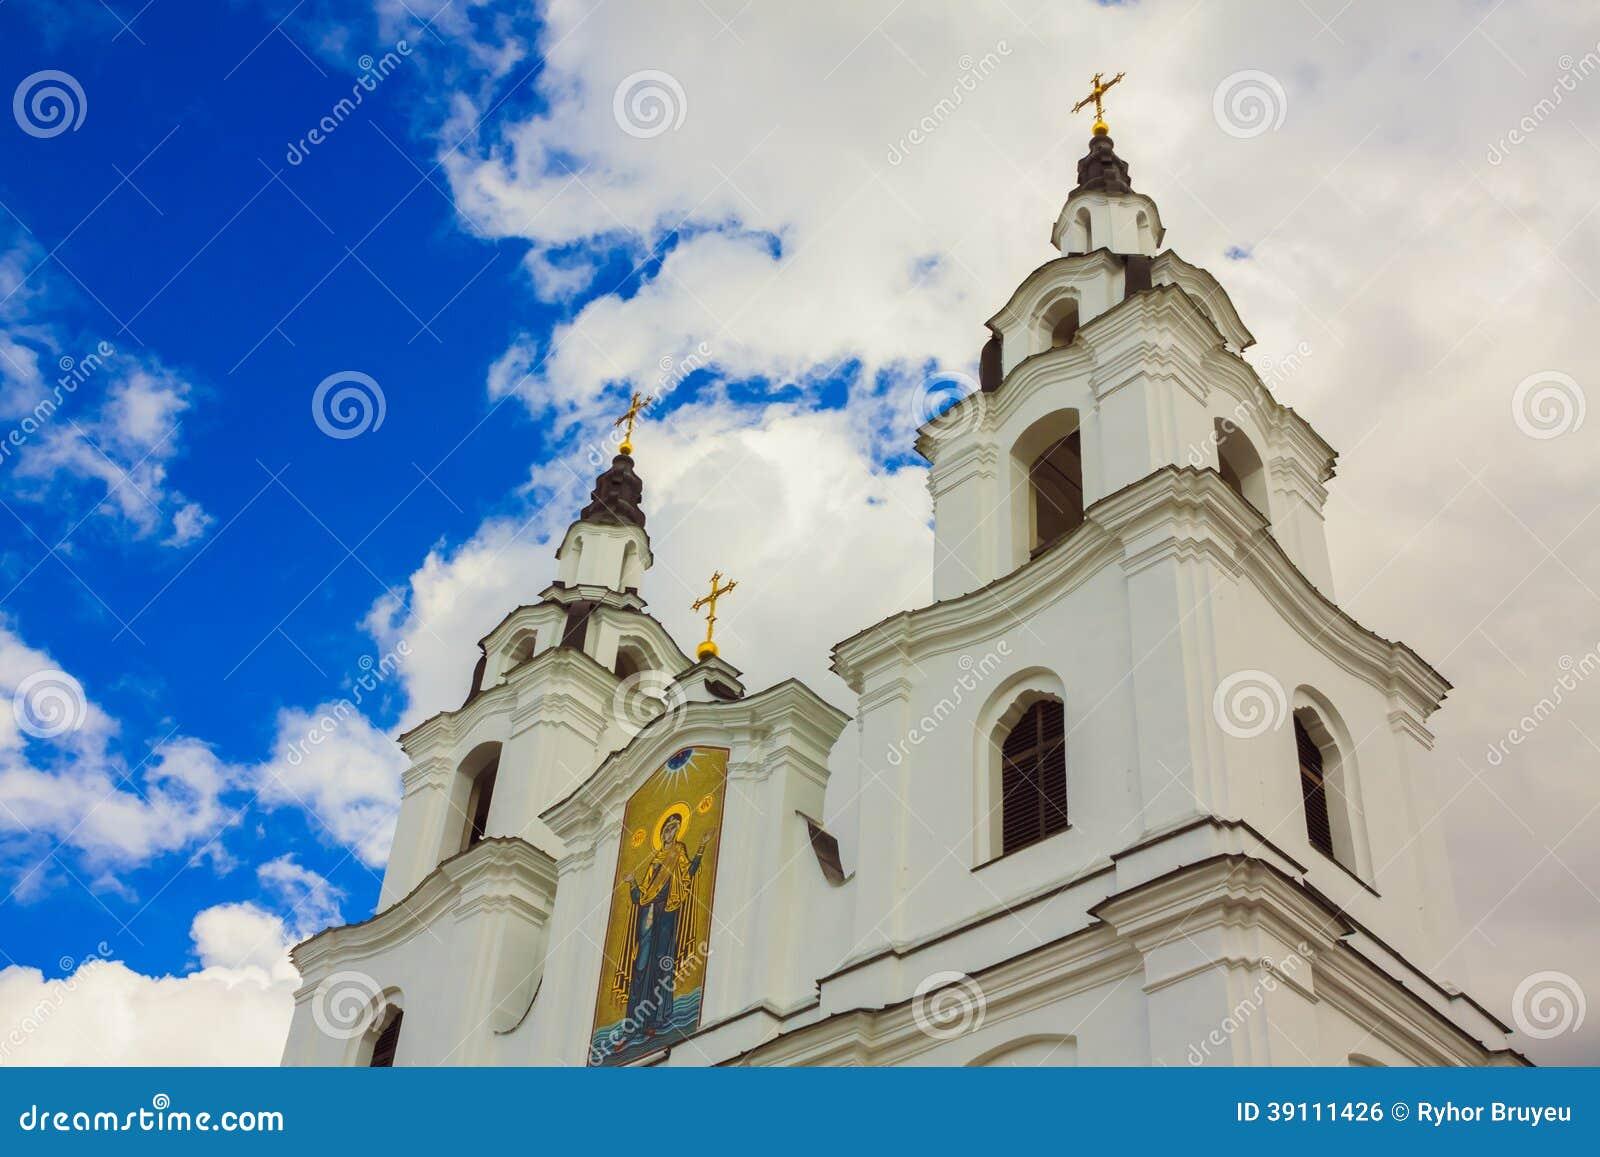 Gouden Koepel van de Orthodoxe Kerk